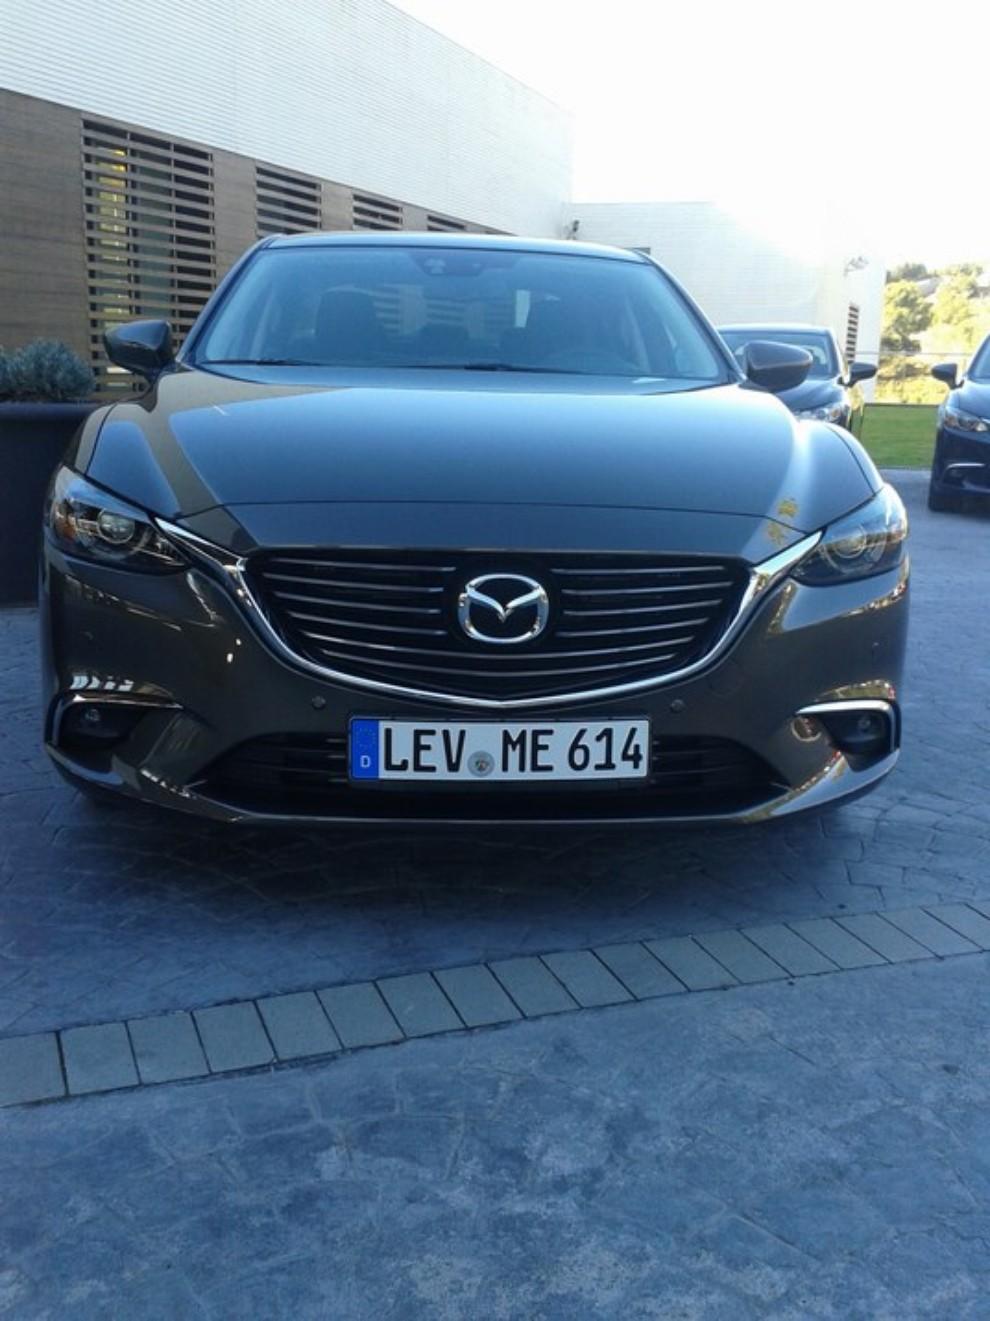 Nuova Mazda6, prova su strada e novità tecniche - Foto 4 di 12